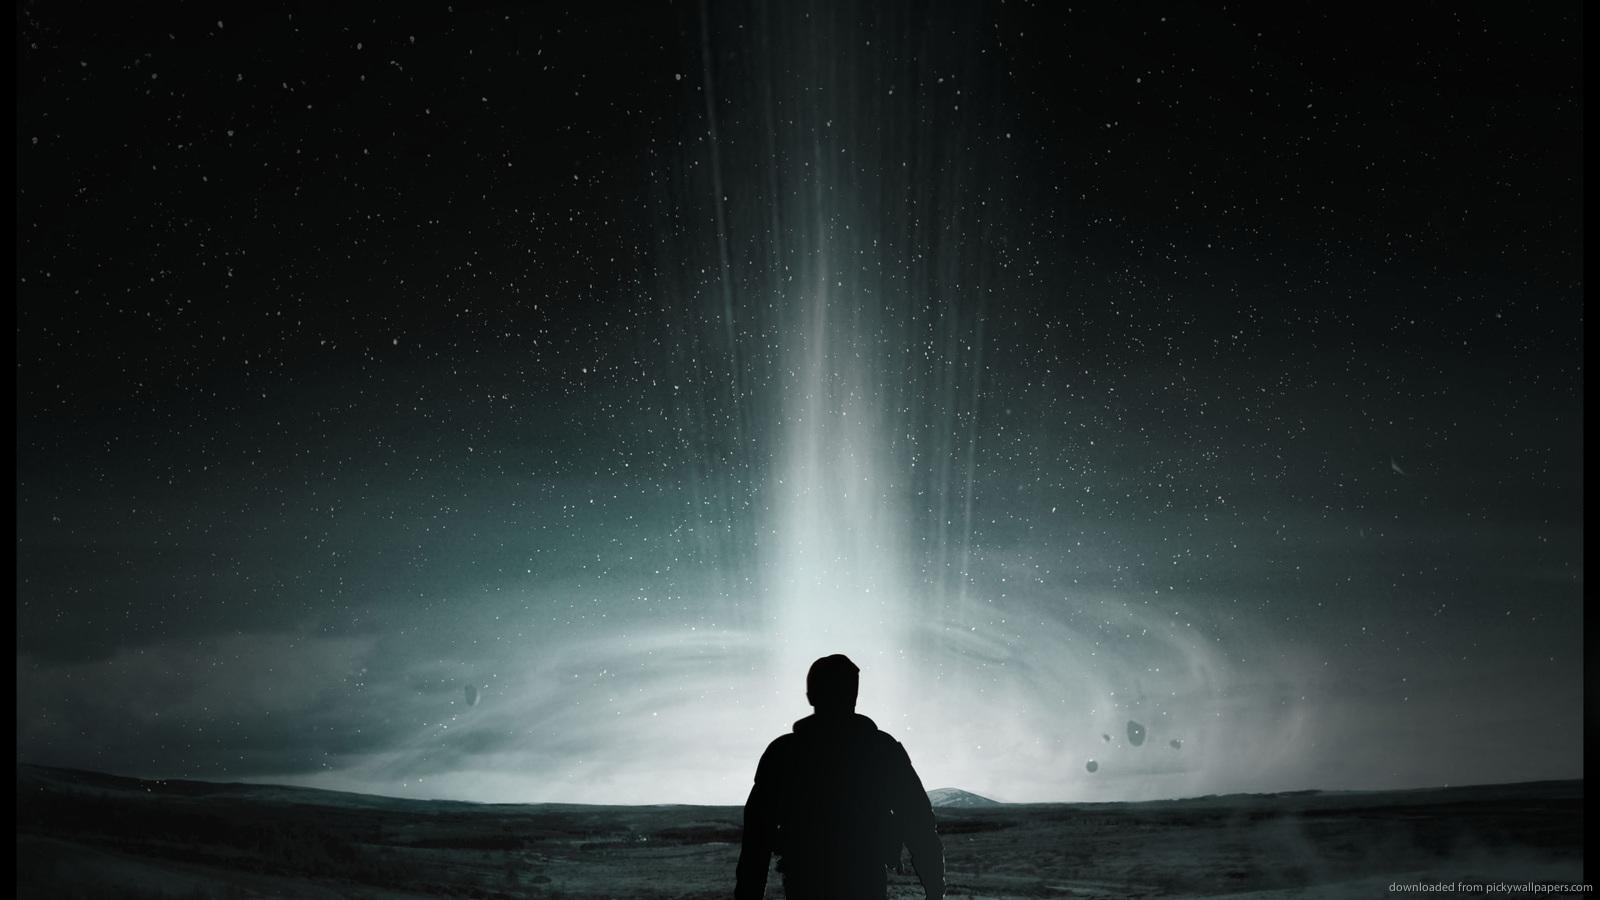 interstellar011.jpg